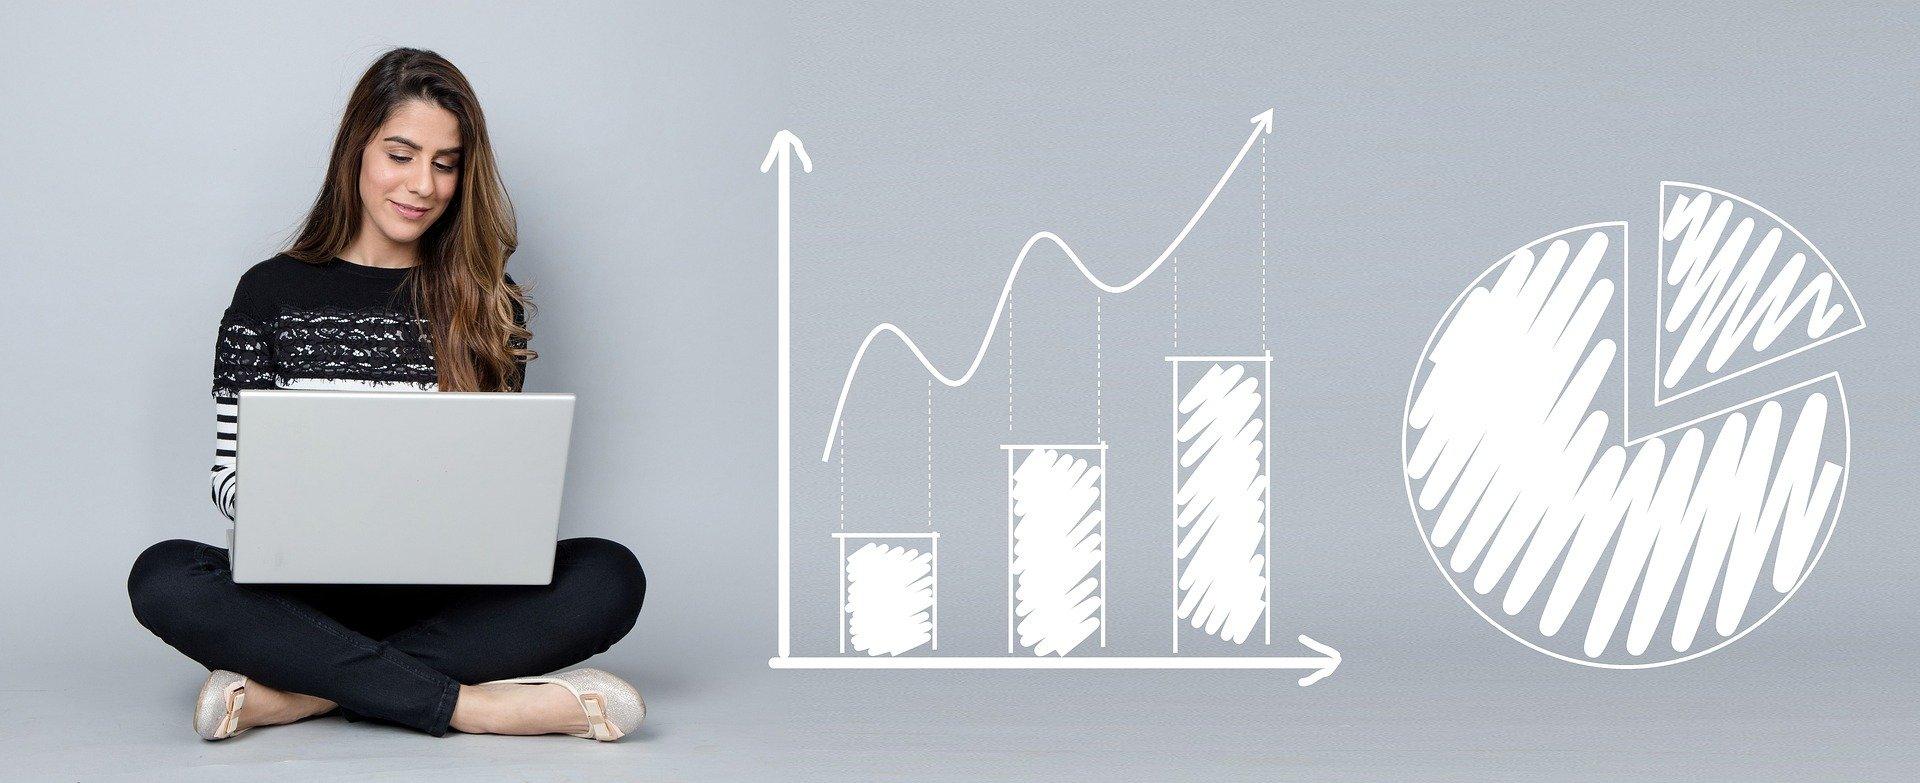 Indici e analisi di bilancio